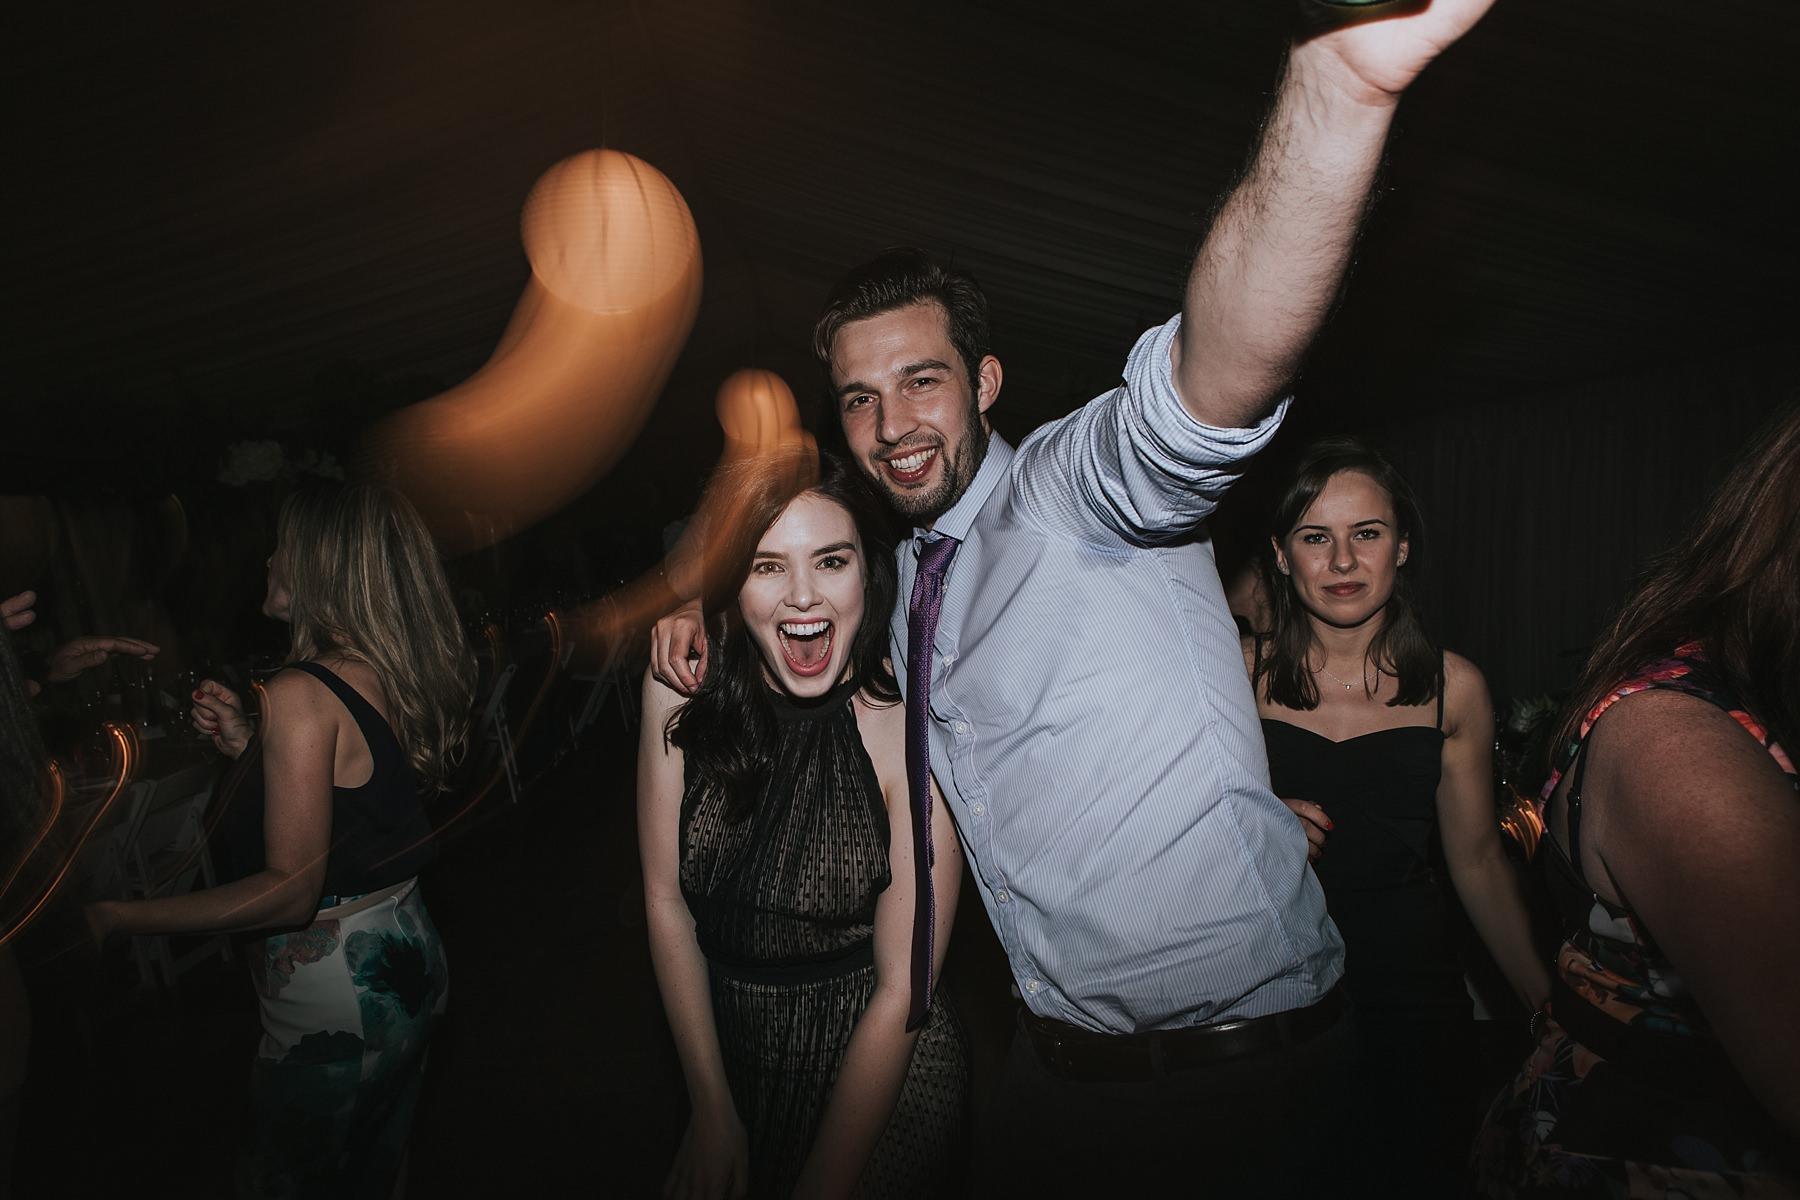 wedding dance floor photos in mudgee